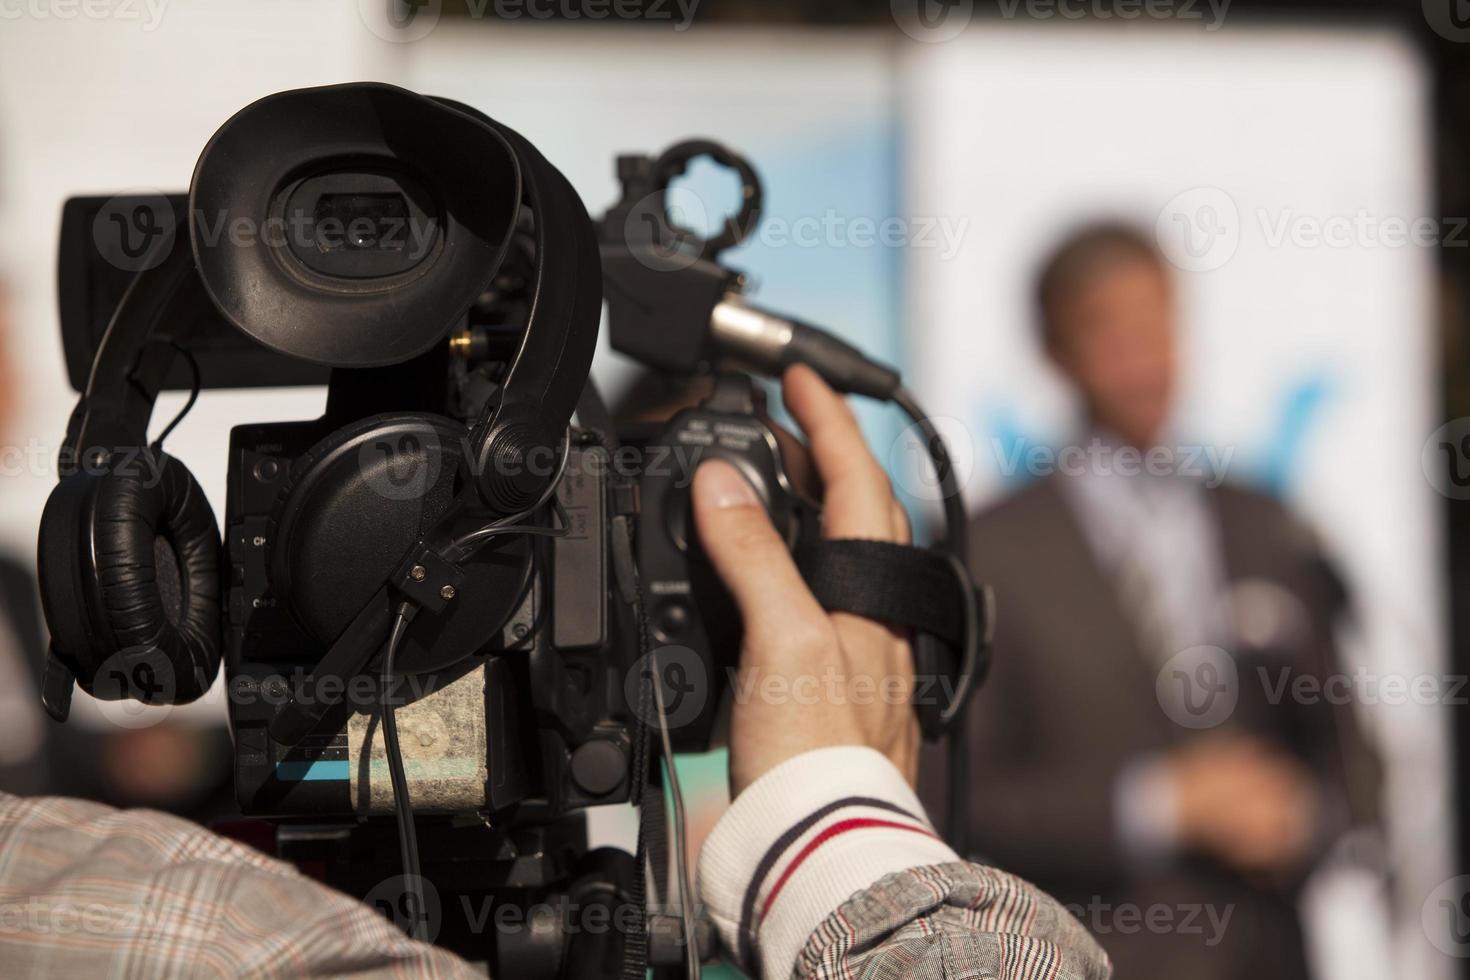 cobrindo um evento com uma câmera de vídeo foto